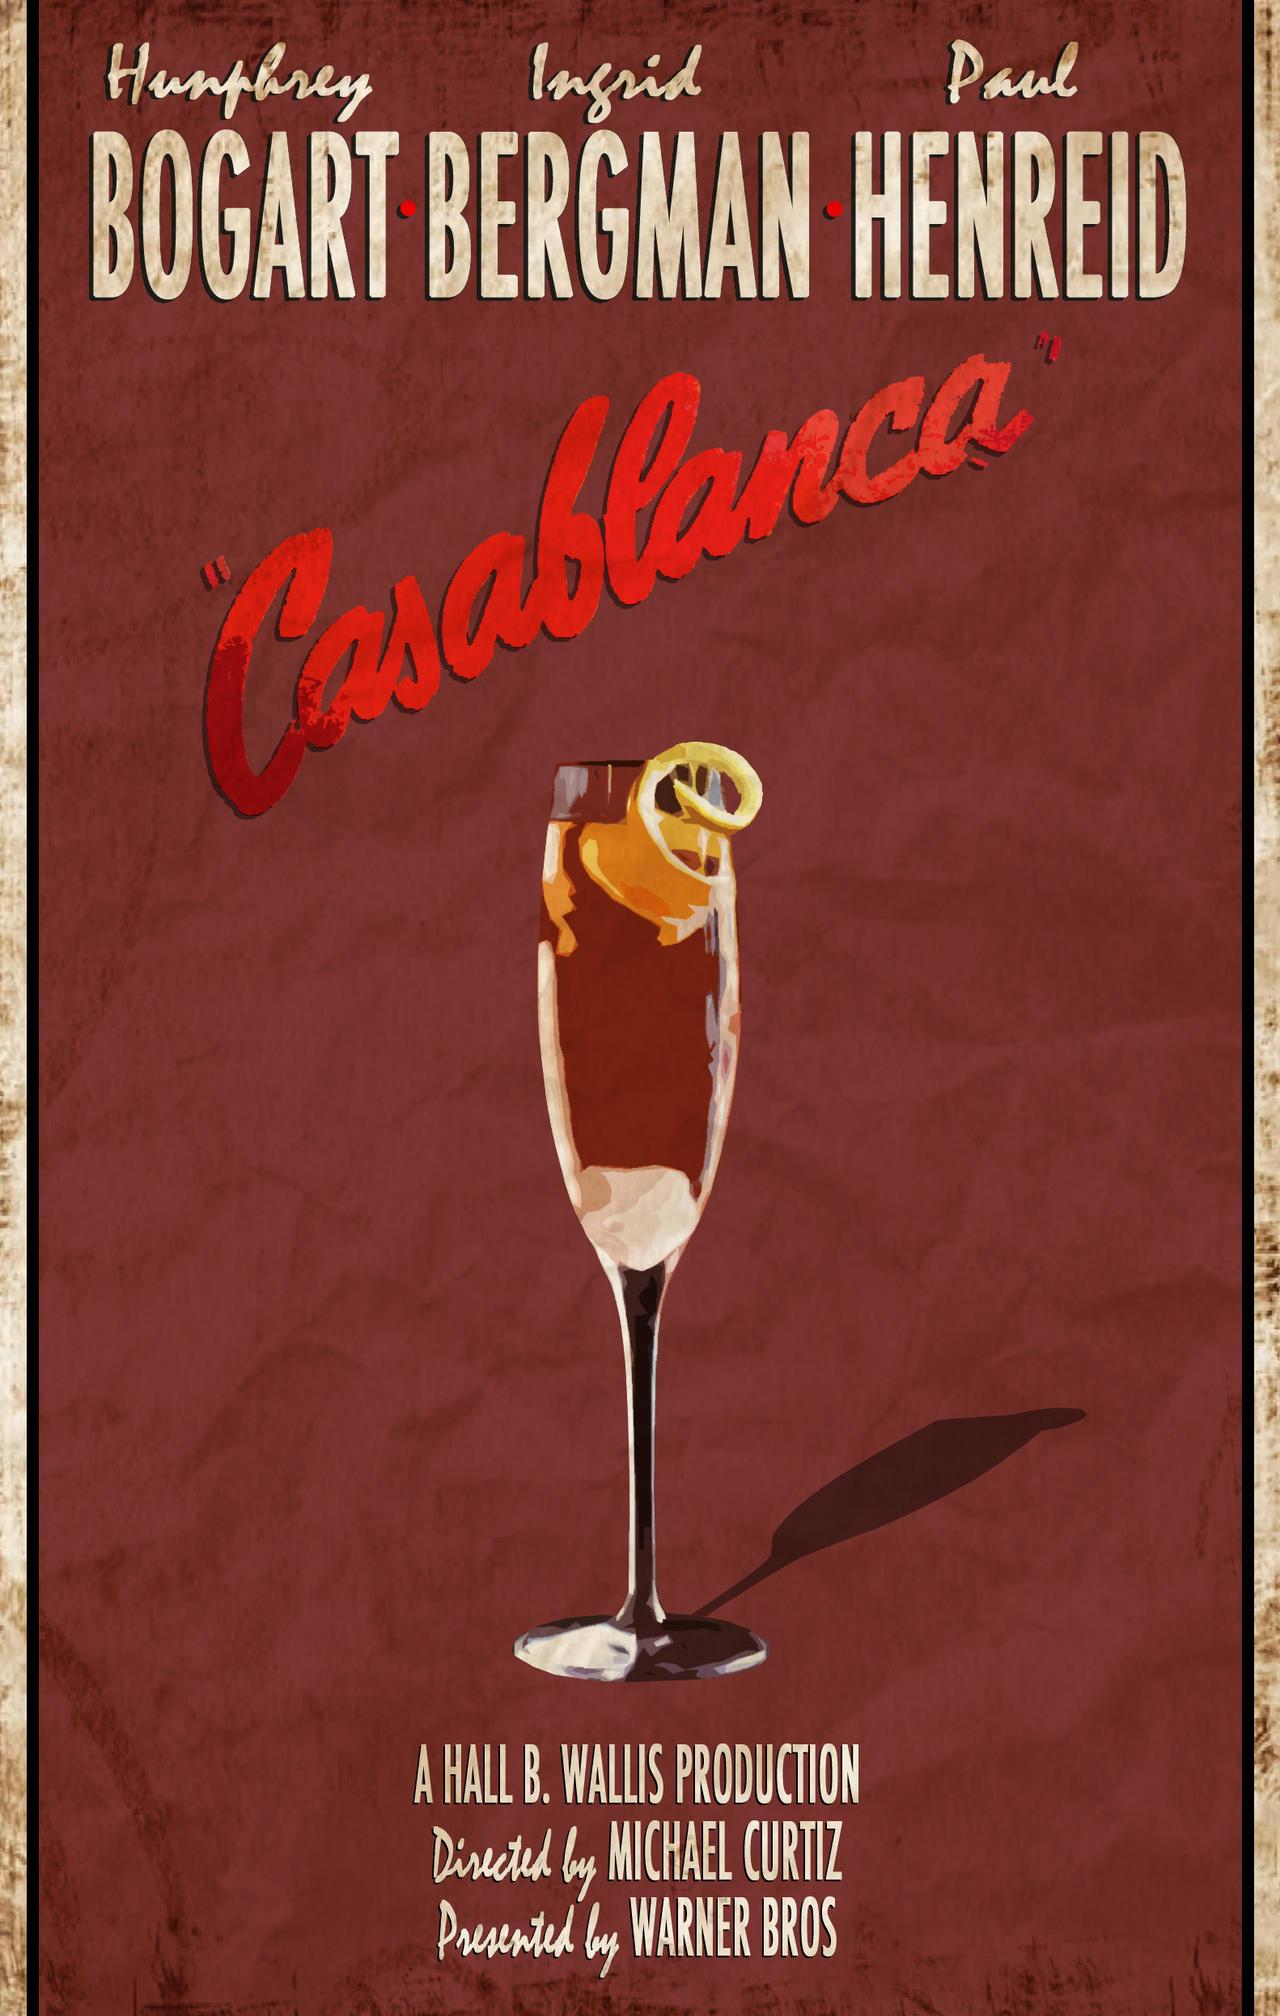 MOVIE DRINK - CASABLANCA by ziosimon on deviantART